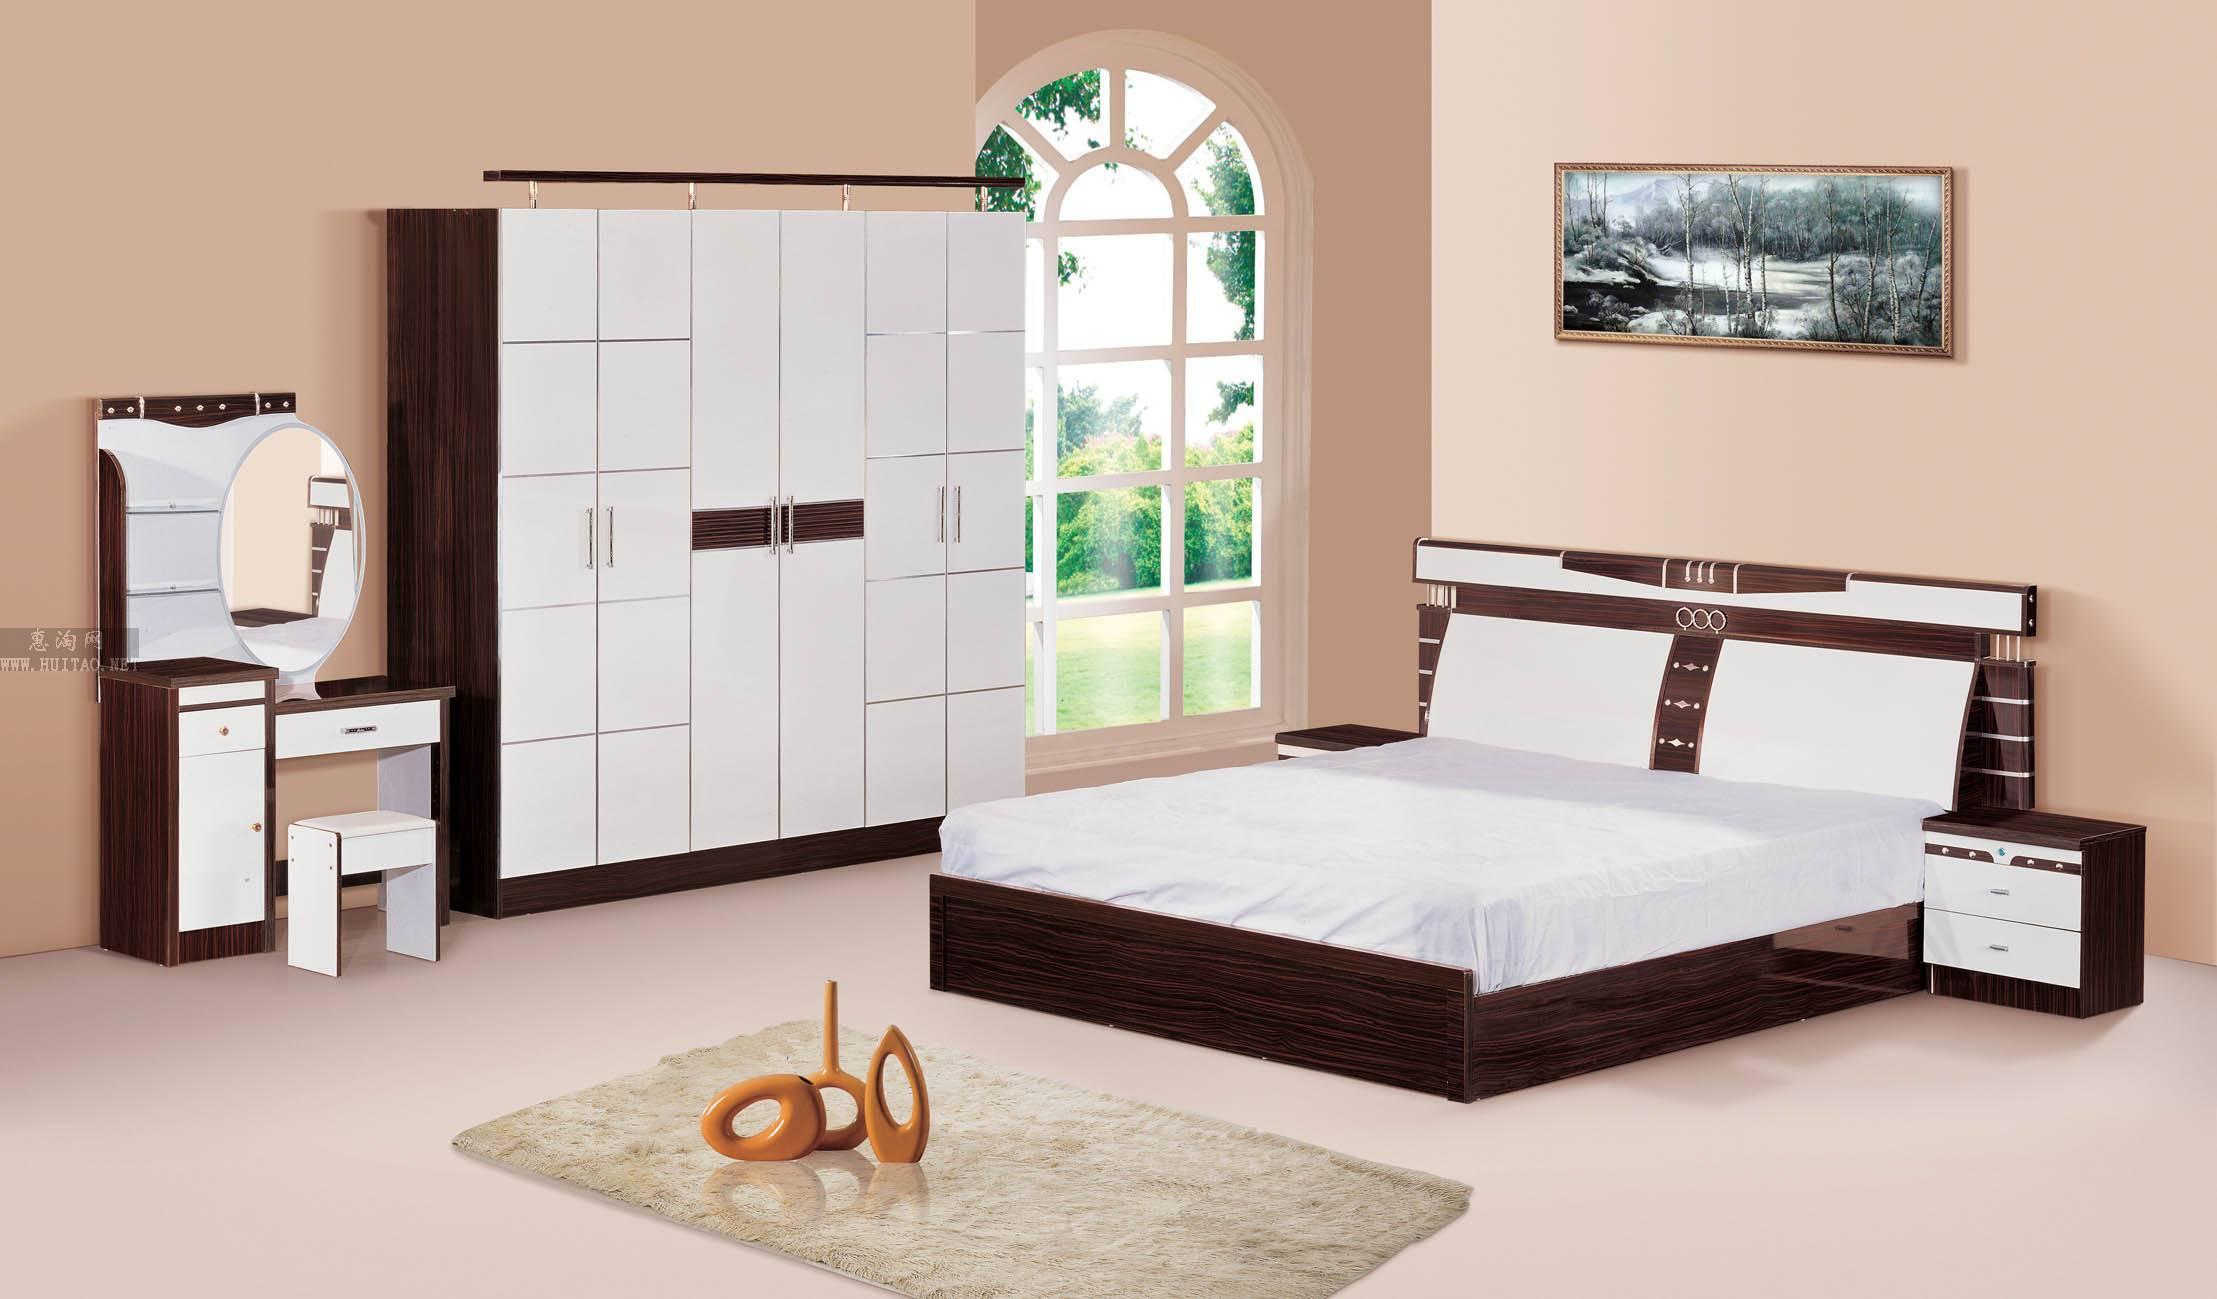 什么是板式家具 板式家具图片欣赏